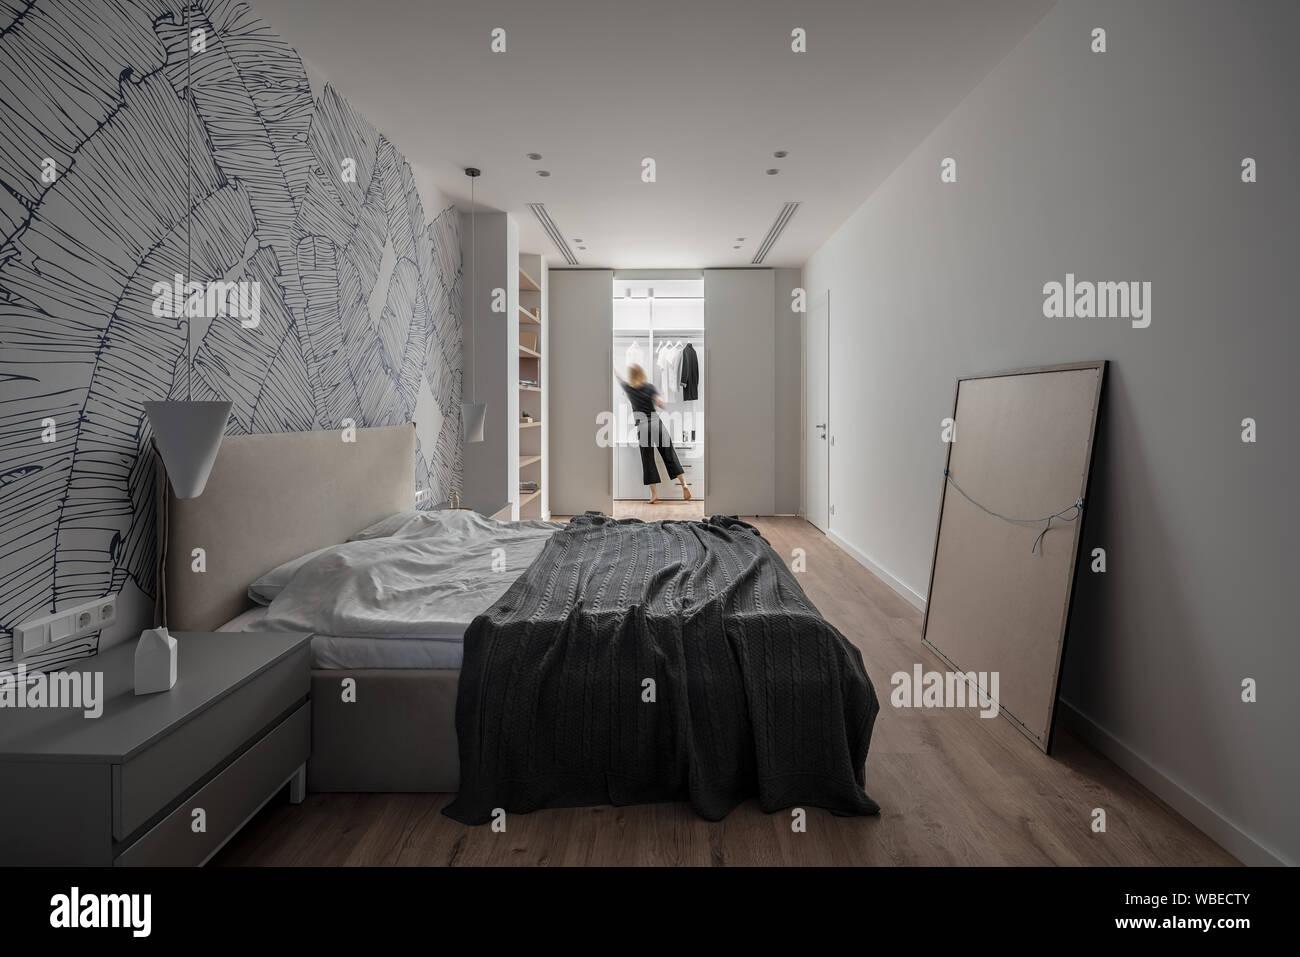 Camere Da Letto Ultramoderne camere da letto moderne con pareti bianche con modelli e un